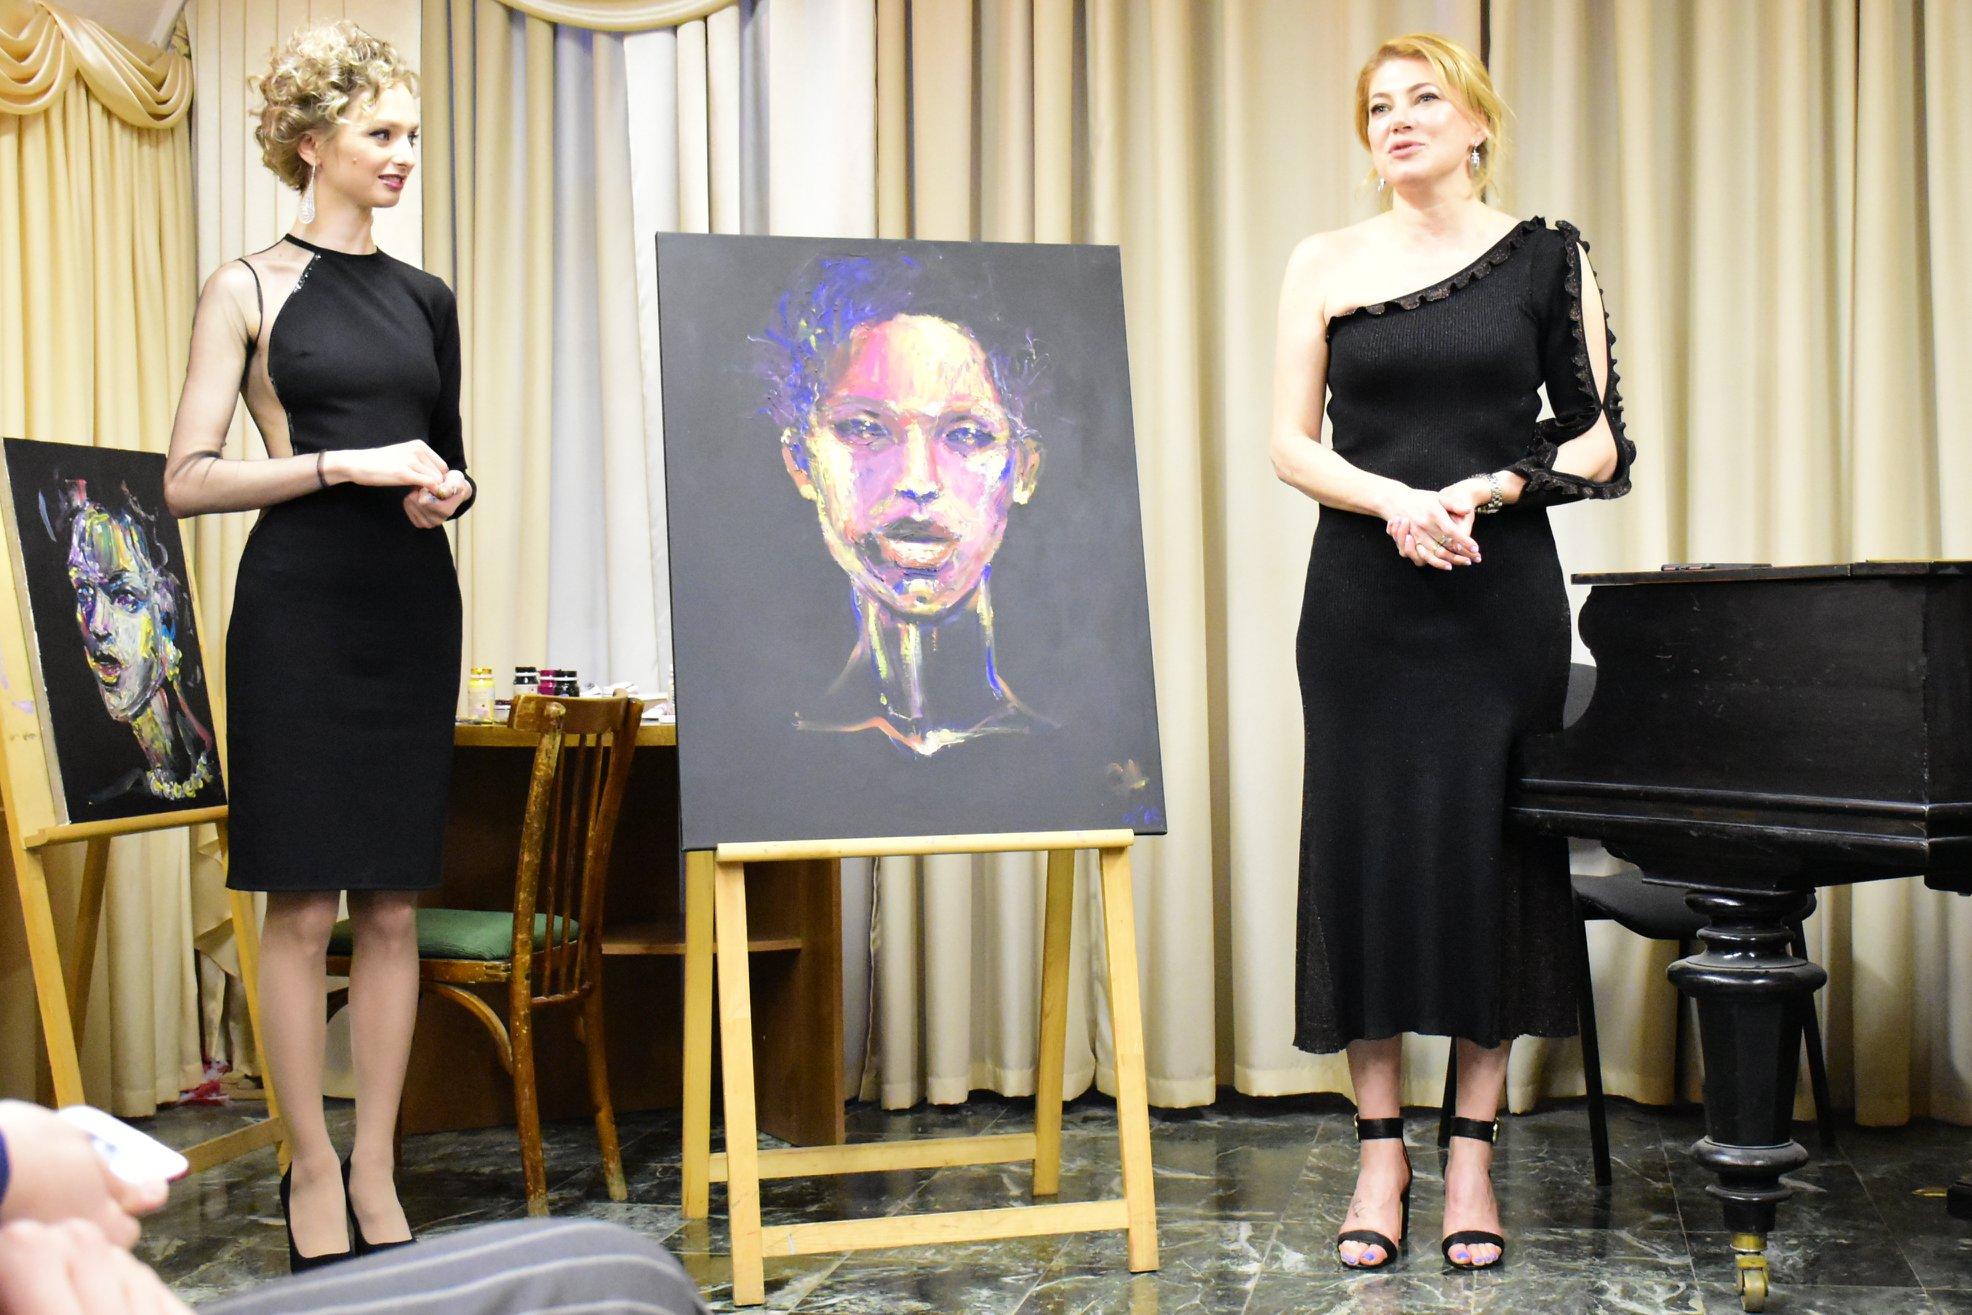 Дизайнер Мария Варламова из Екатеринбурга (справа) рассказала, что ее друг-фотограф из Лондона снимал Лагерфельда совсем недавно и кутюрье выглядел отлично